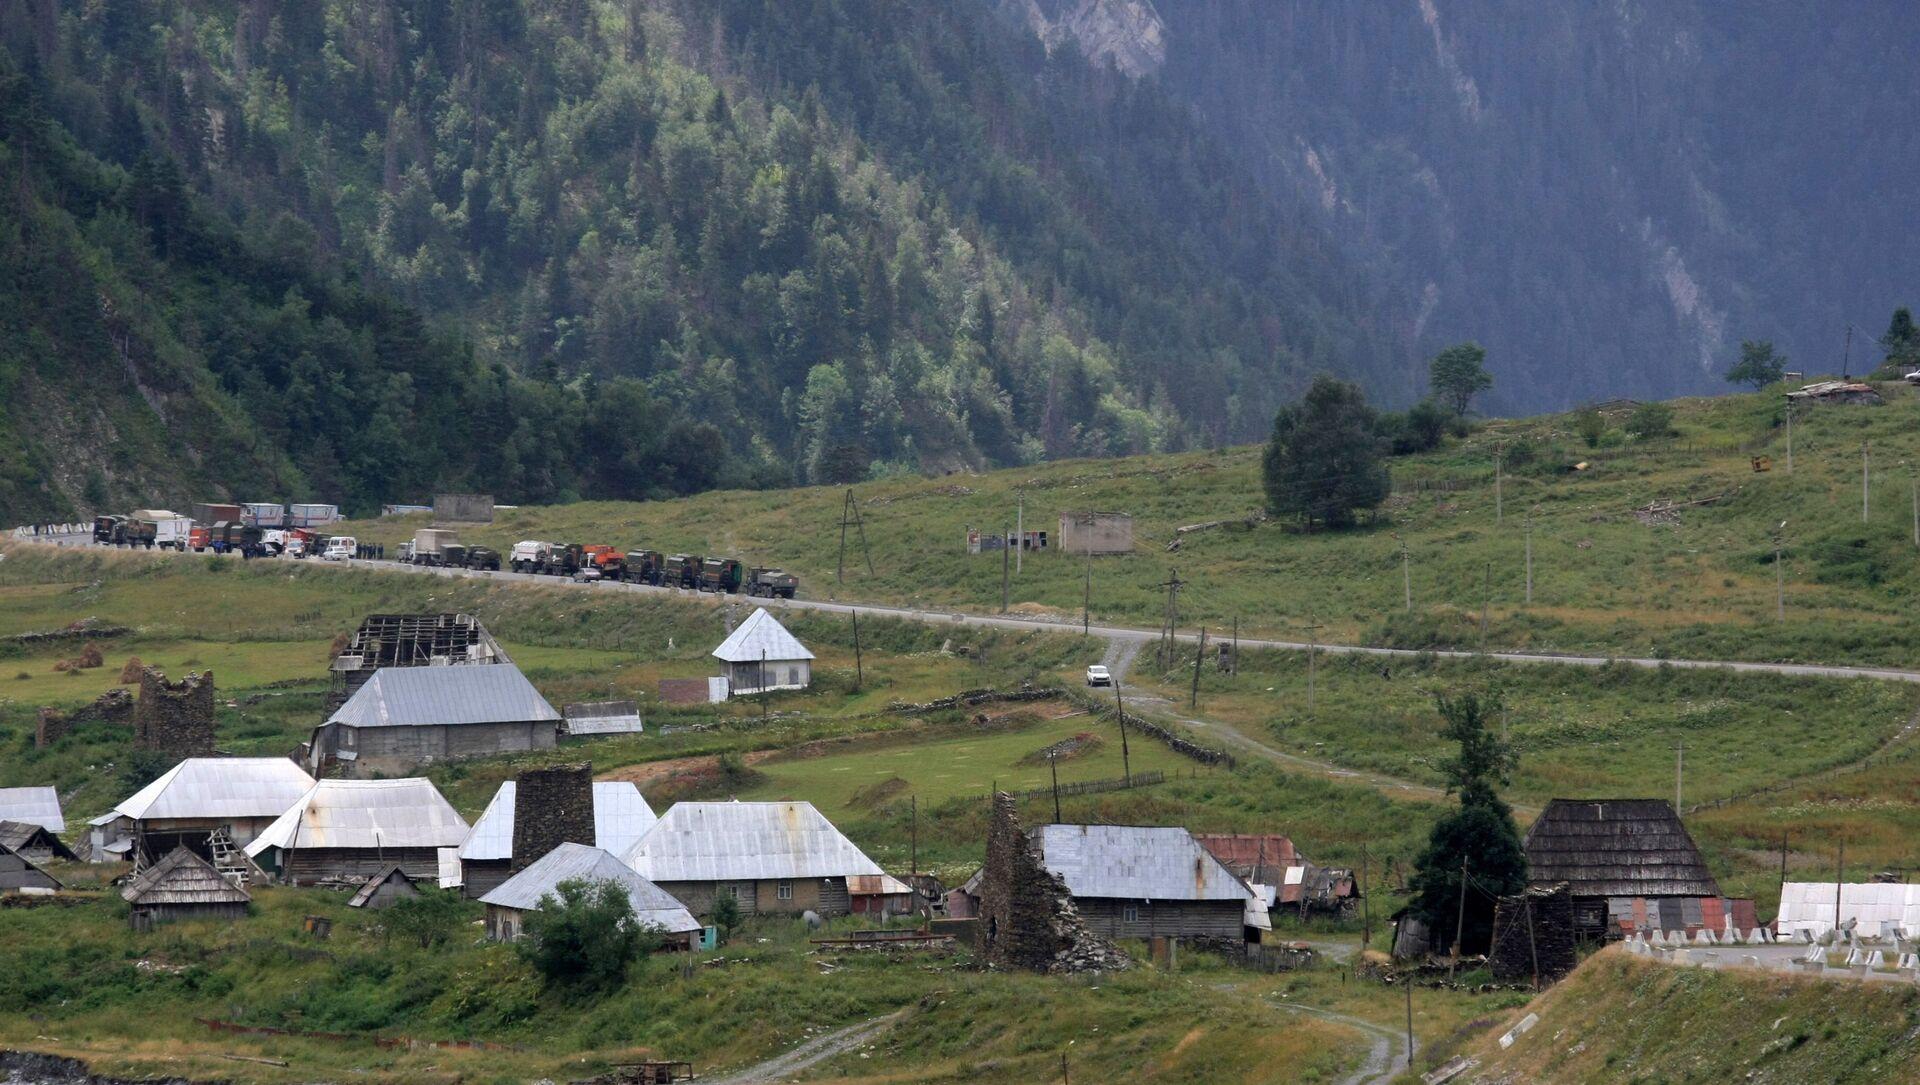 Droga w strefie konfliktu między Gruzja a Osetią Południową  - Sputnik Polska, 1920, 27.05.2021